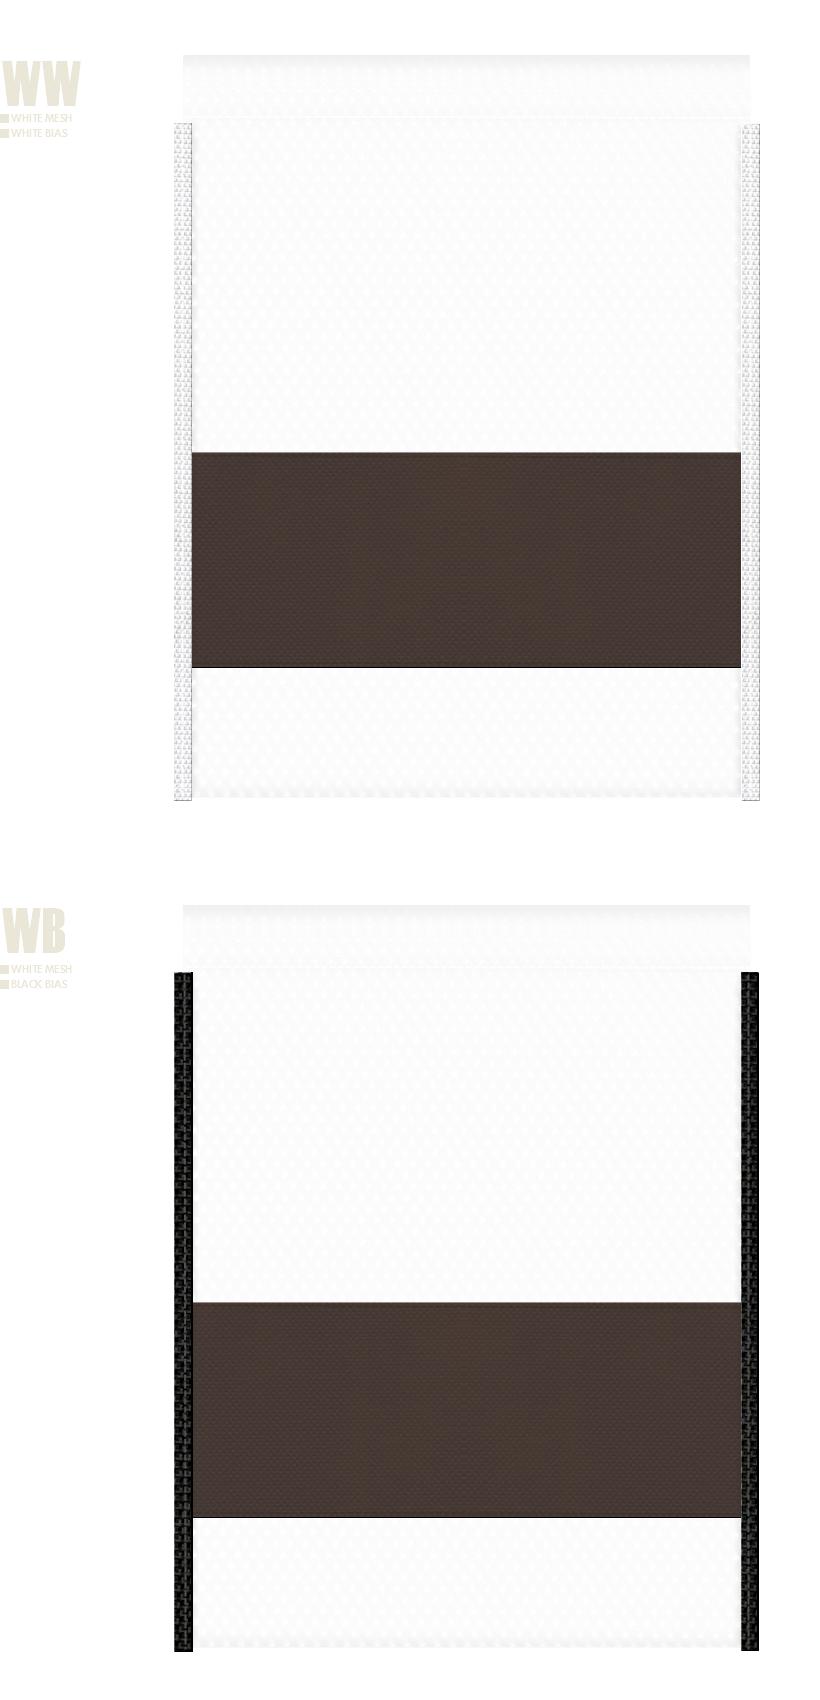 白色メッシュとこげ茶色不織布のメッシュバッグカラーシミュレーション:キャンプ用品・アウトドア用品のショッピングバッグにお奨め